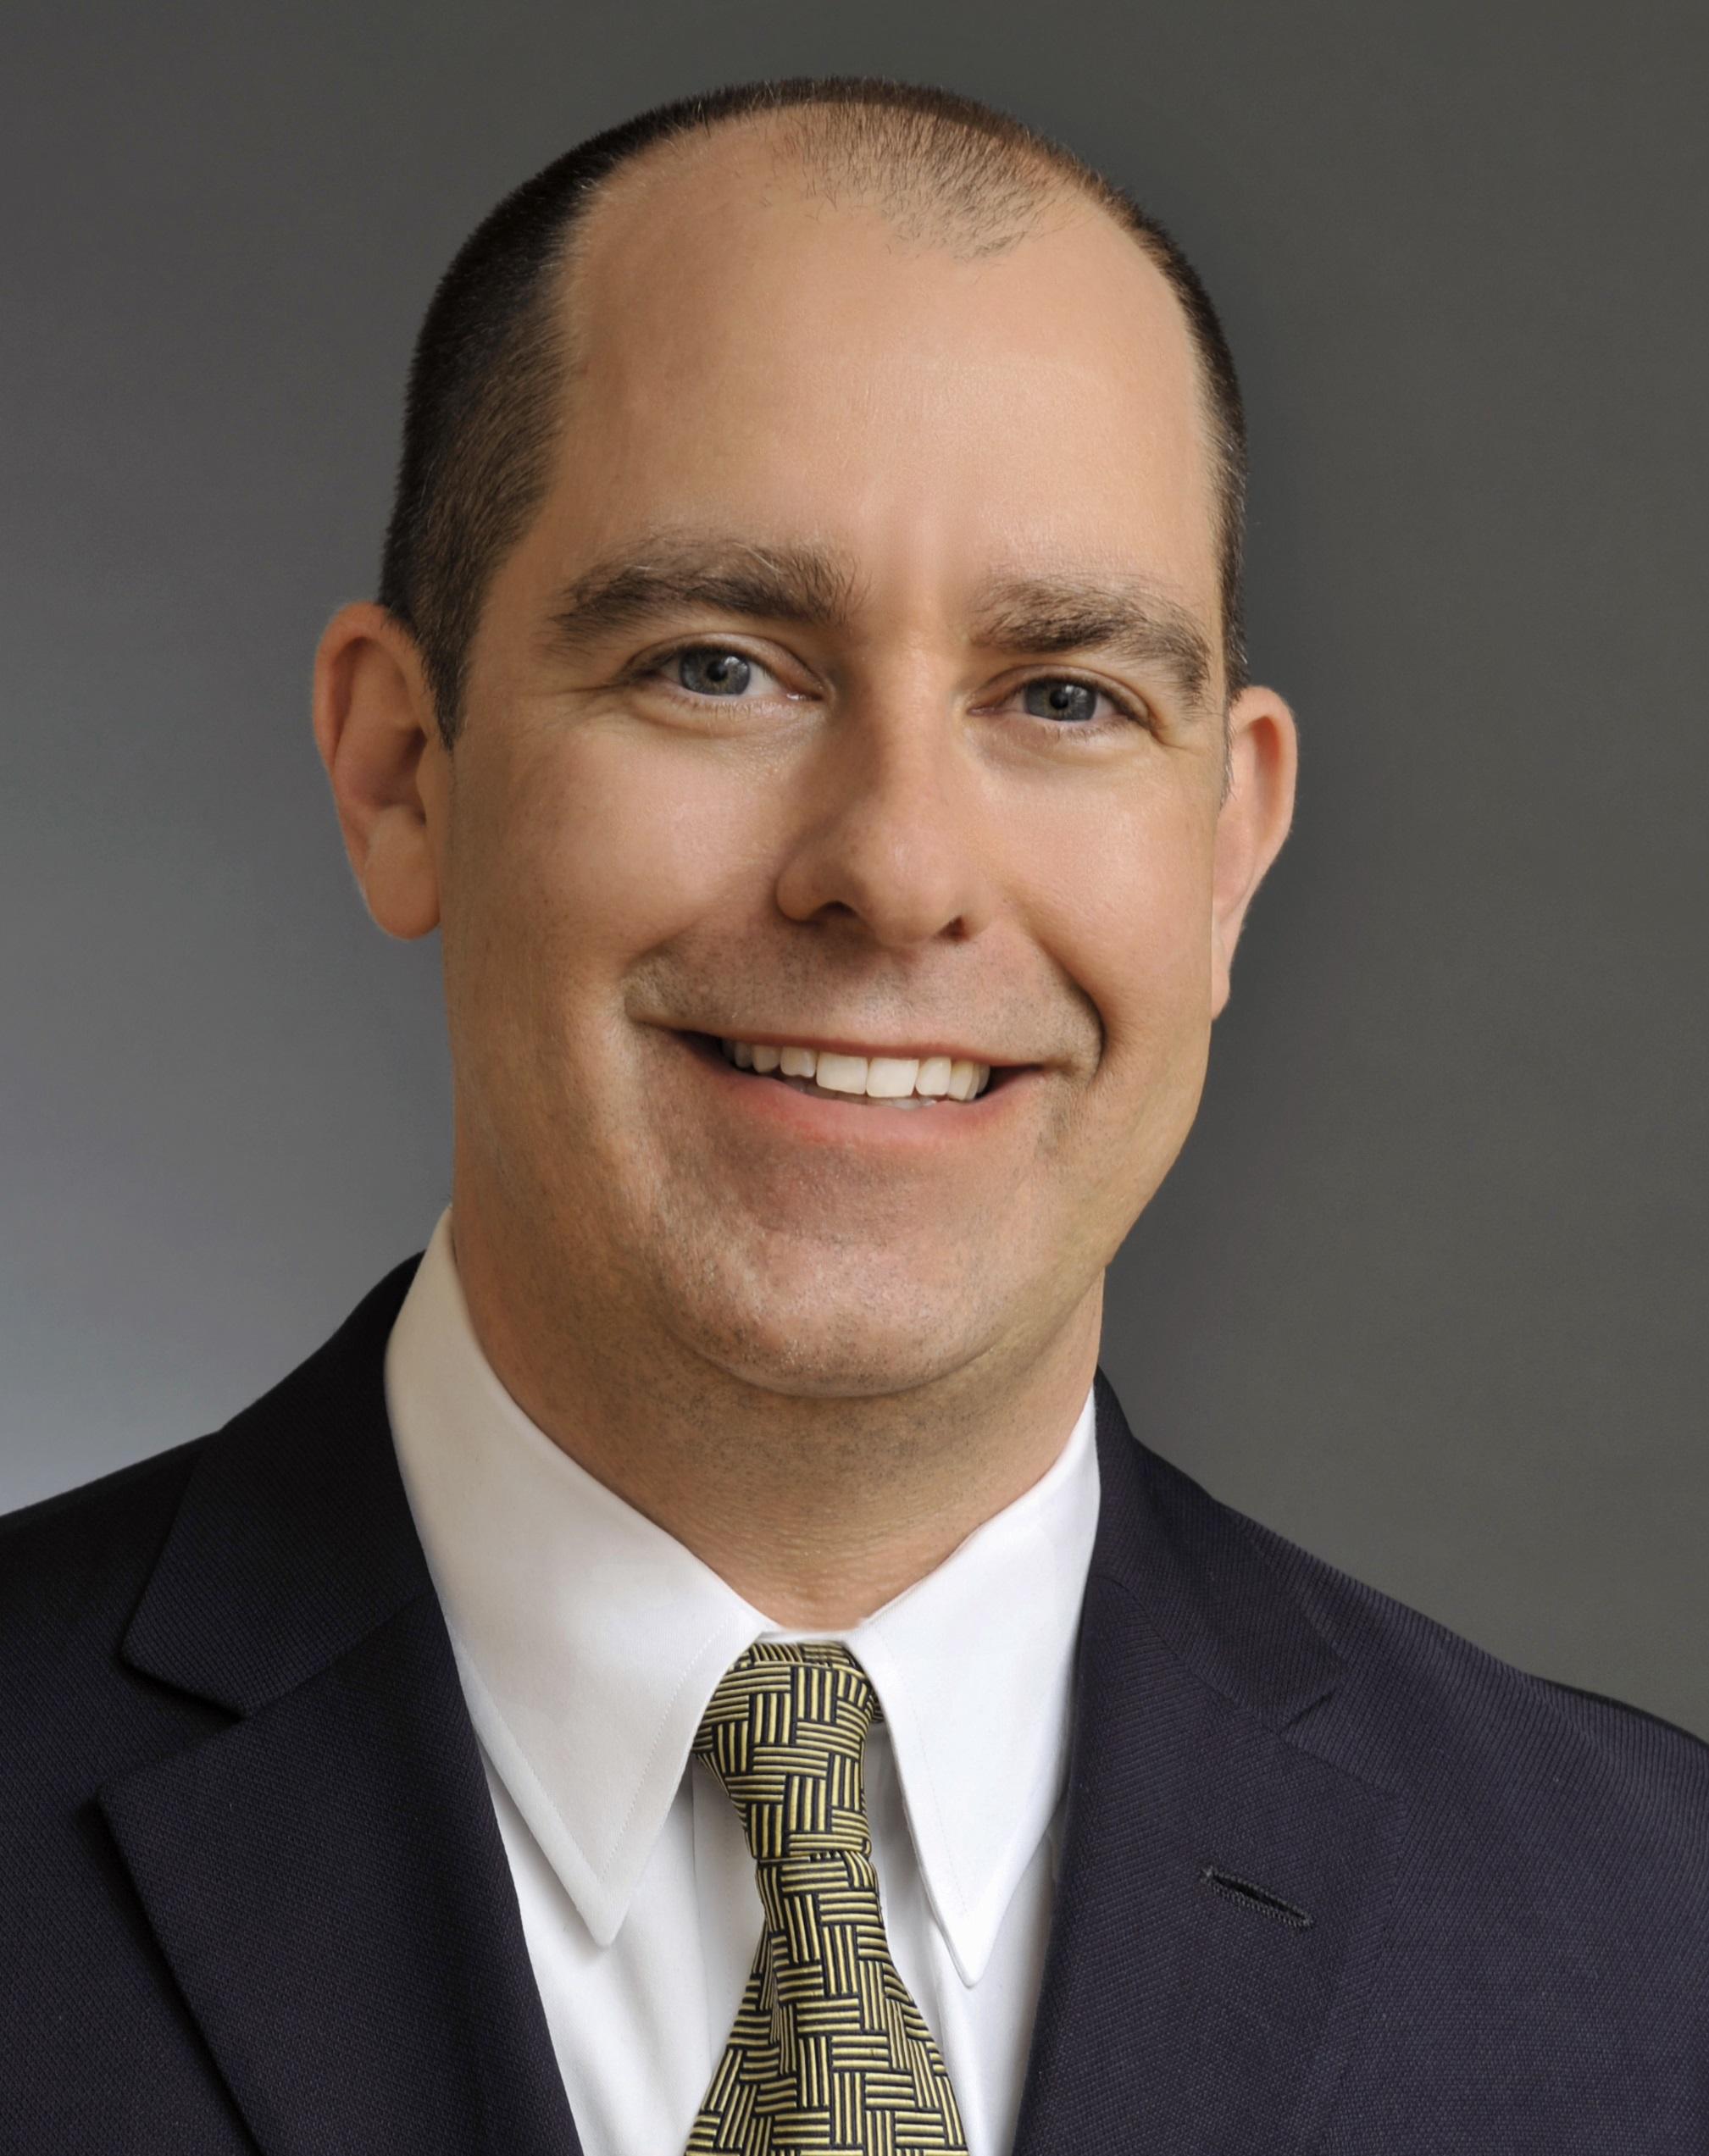 Brad Rachmiel